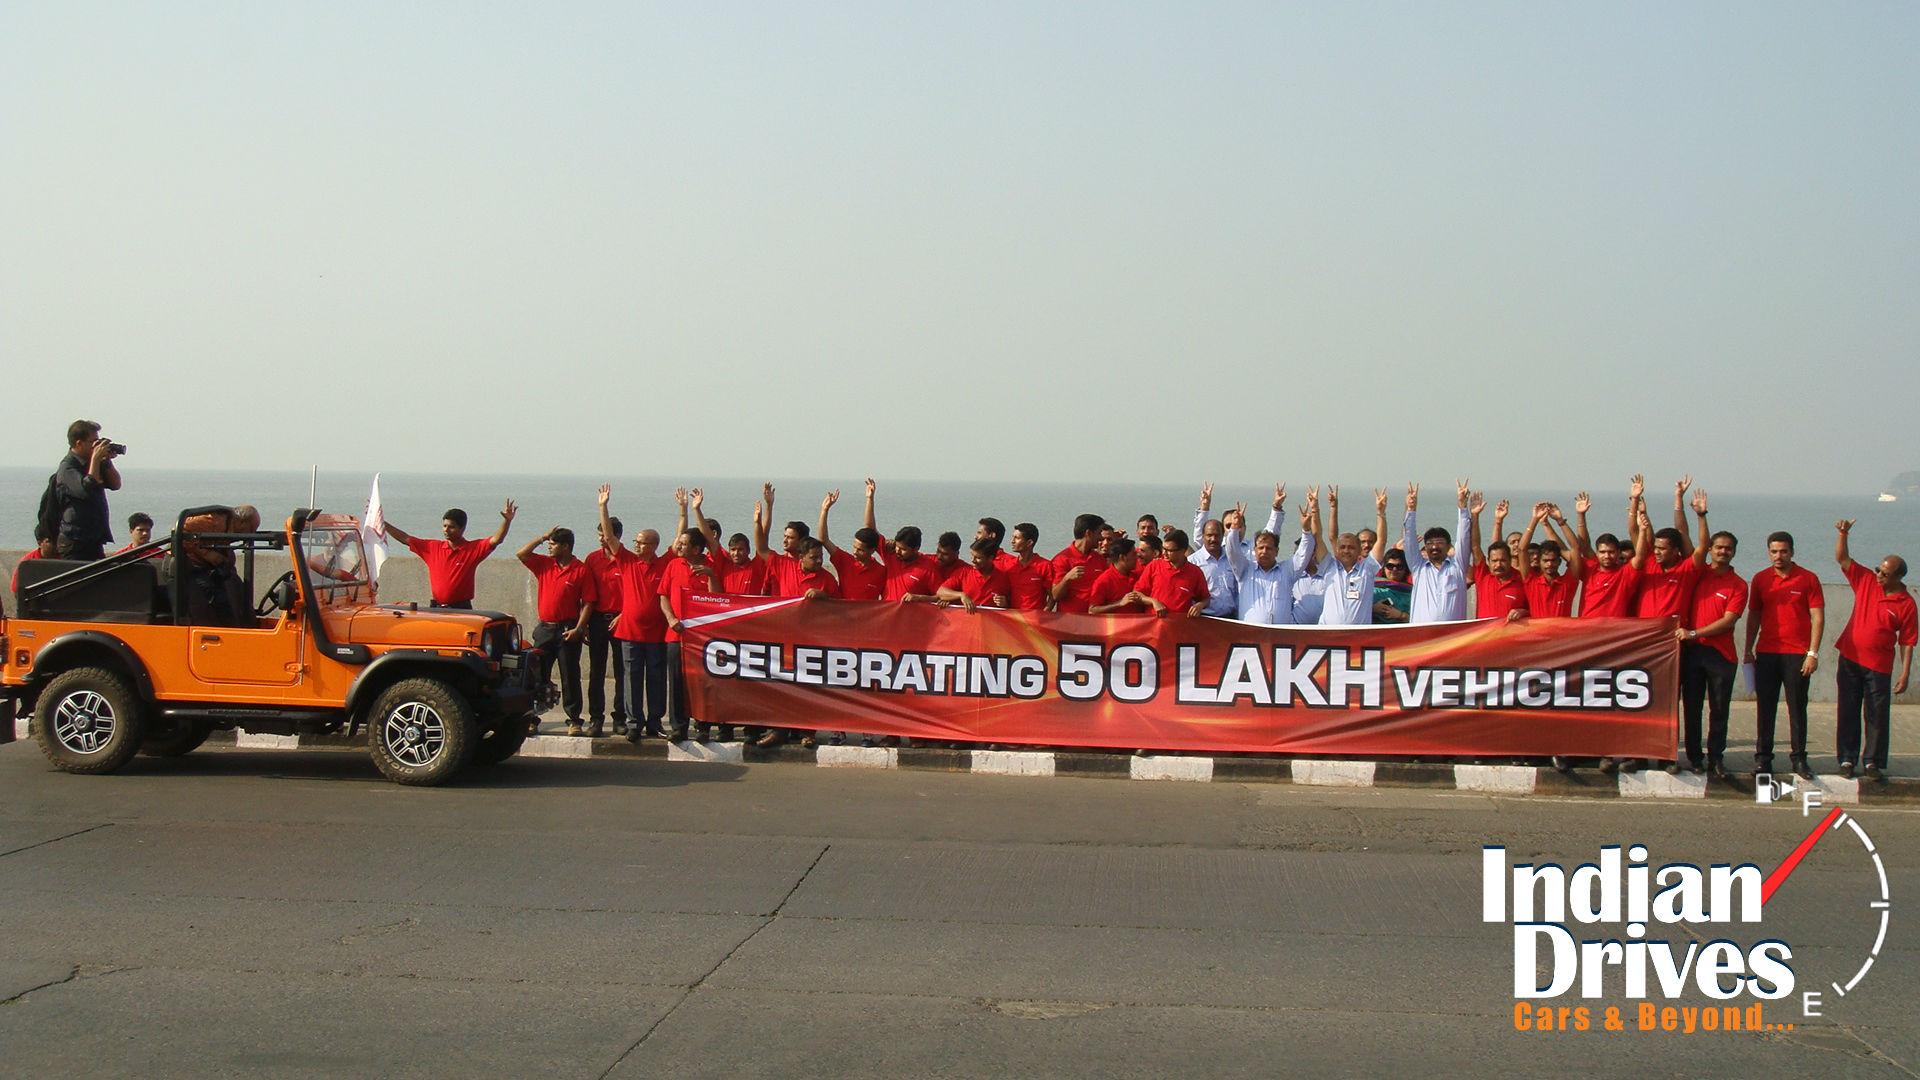 Mahindra Celebrates 50 Lakh Production Milestone